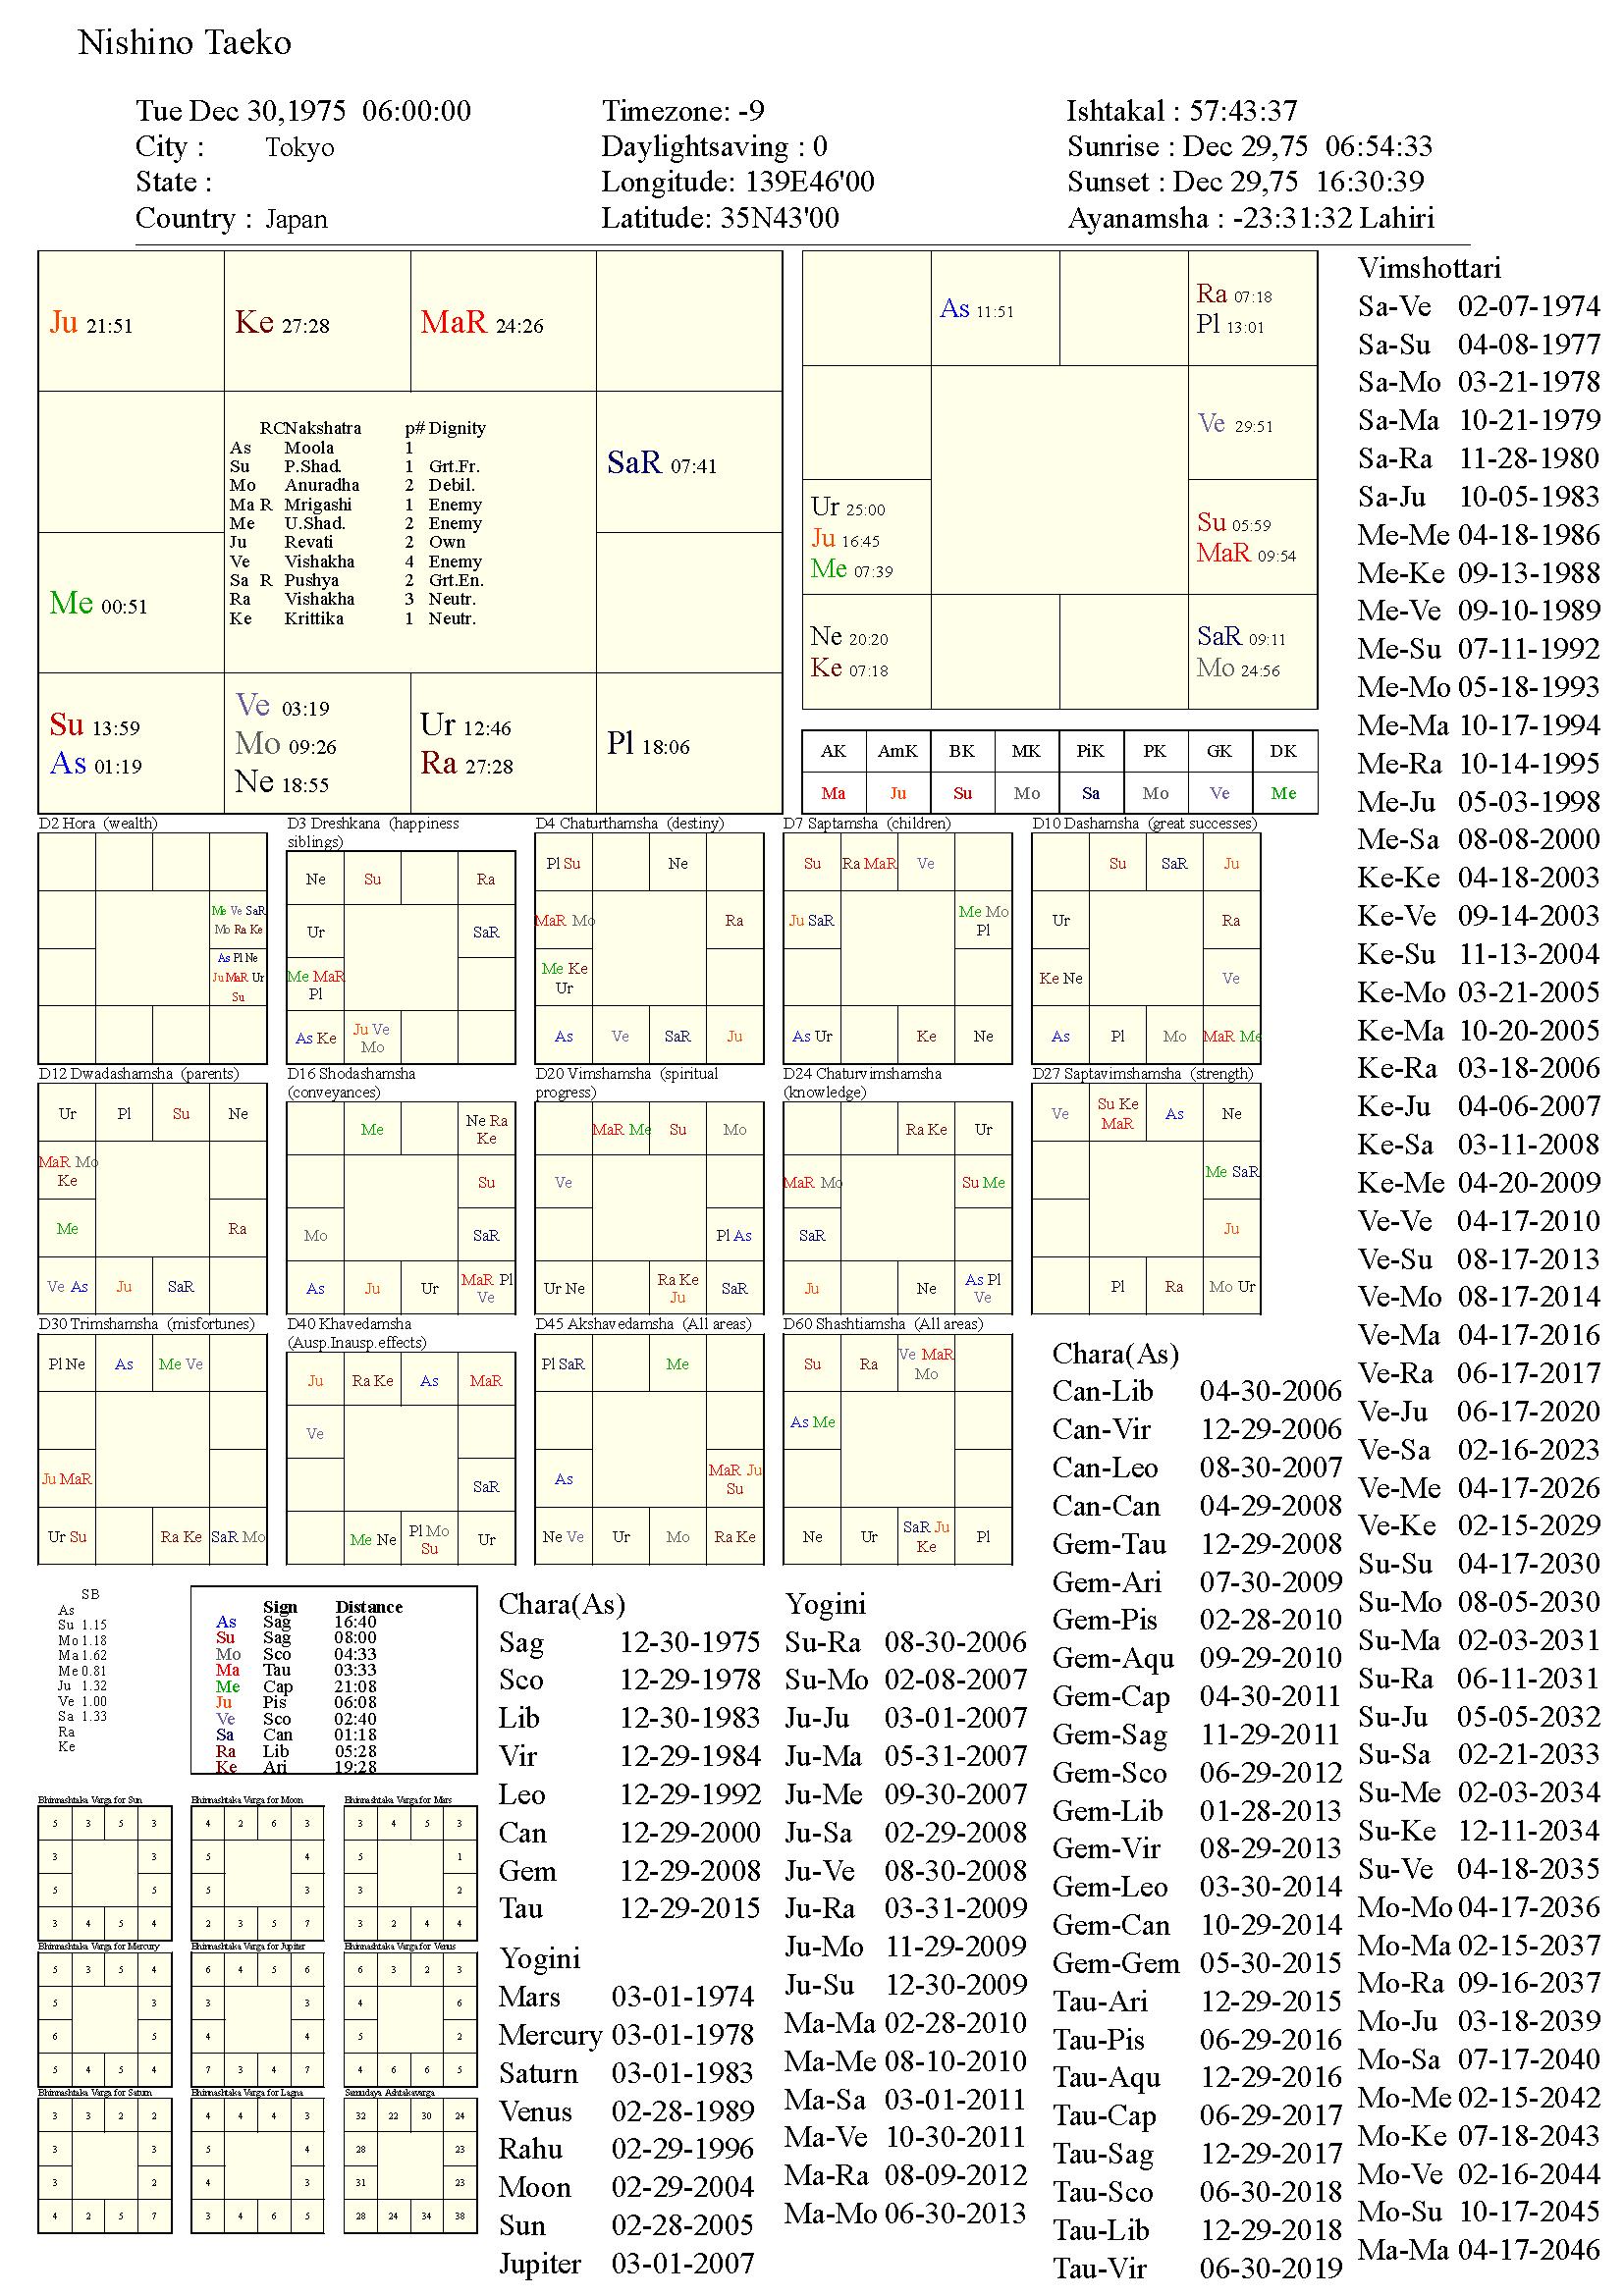 nishinotaeko_chart